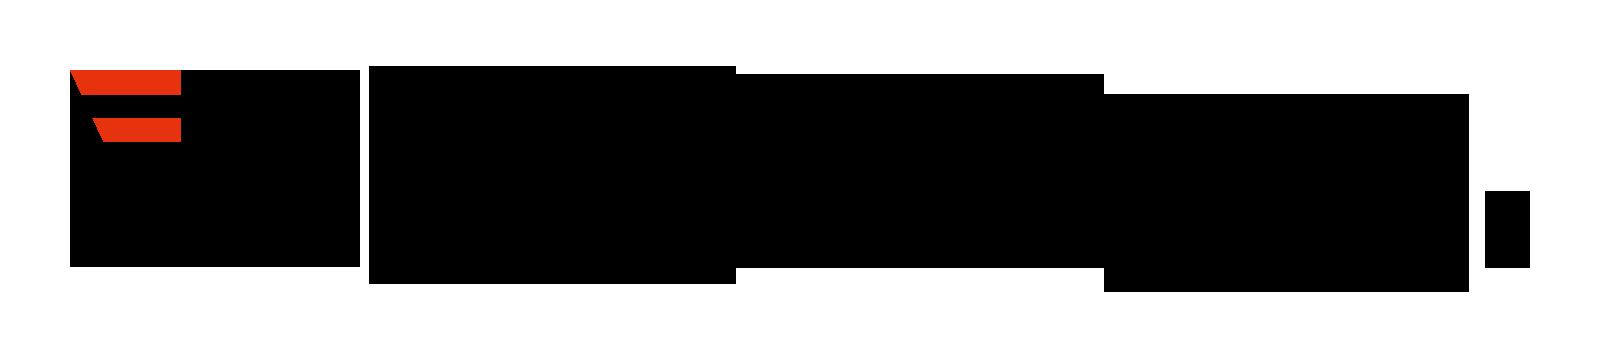 Logo des Bundesministeriums für Arbeit, Familie und Jugend